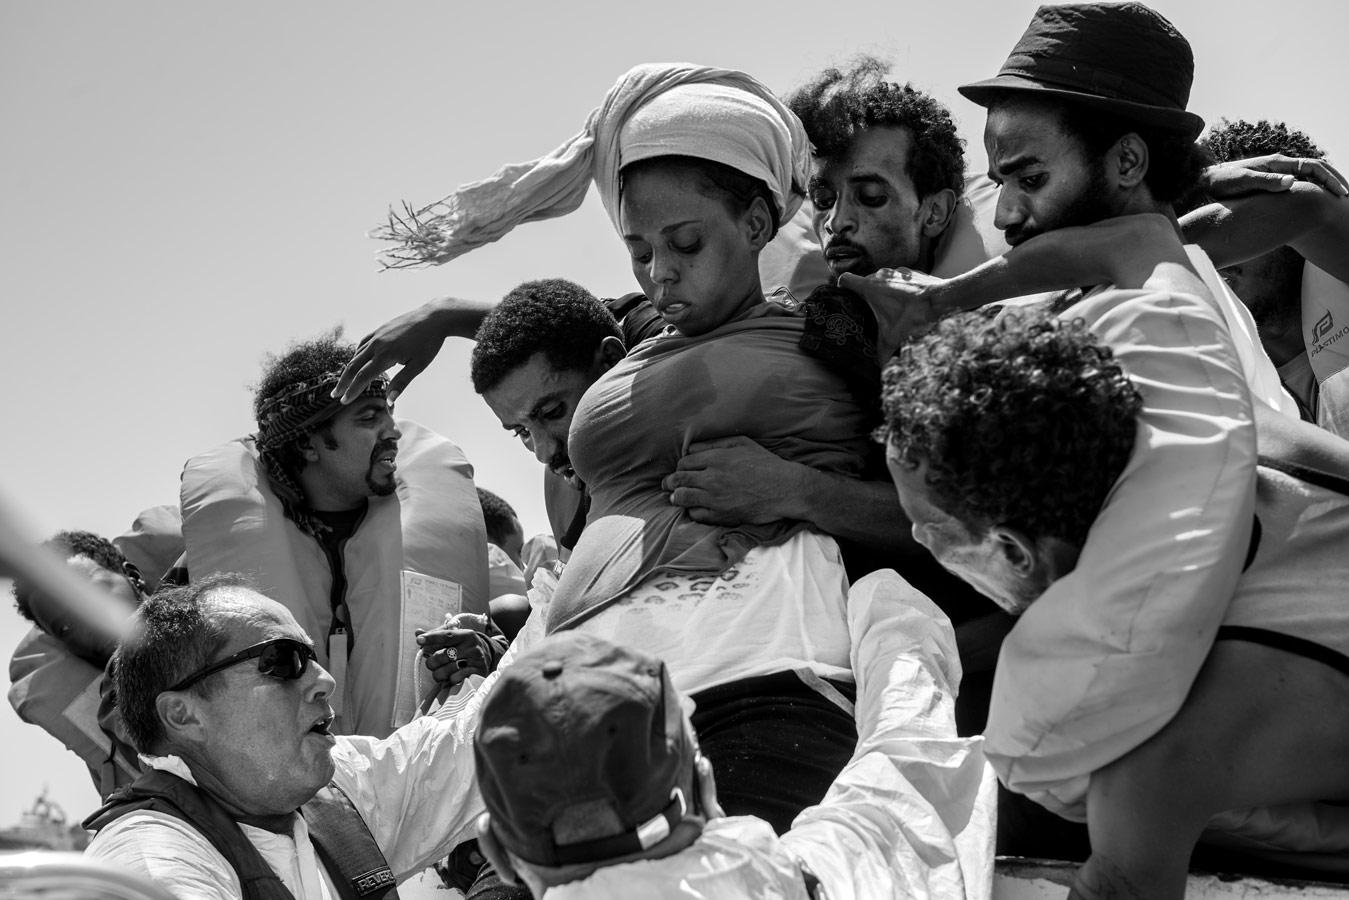 Тема: Чёрно-белое, апрель 2017, © Габриэле Казини, Фотоконкурс «Независимый фотограф» — The Independent Photographer